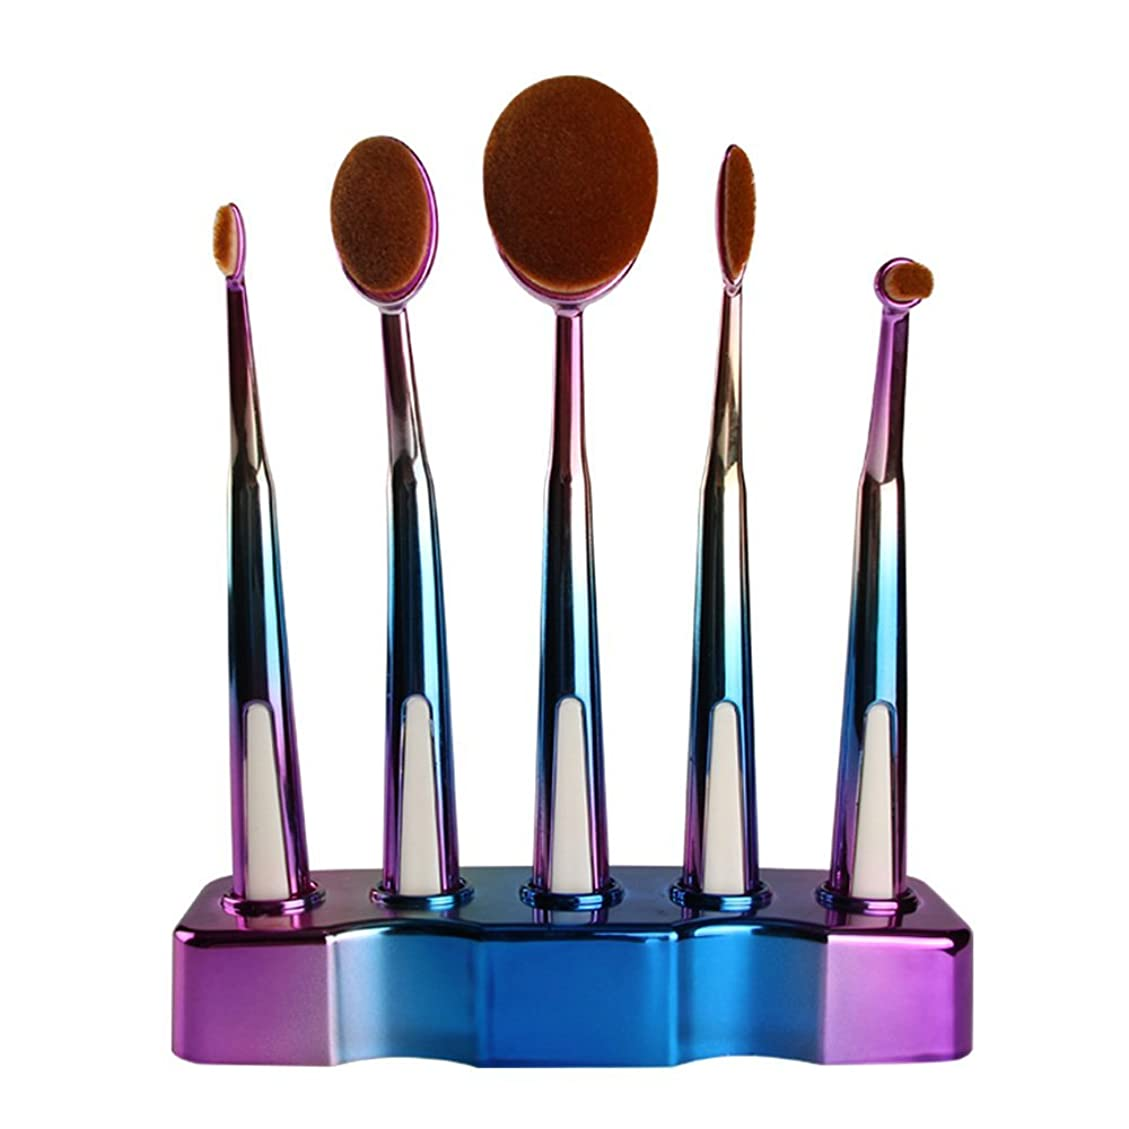 植物学者賠償充電5本歯ブラシ型ファンデーションブラシグラデーションメイクブラシセットブラシ(カラー:カラーグラデーションブルー)